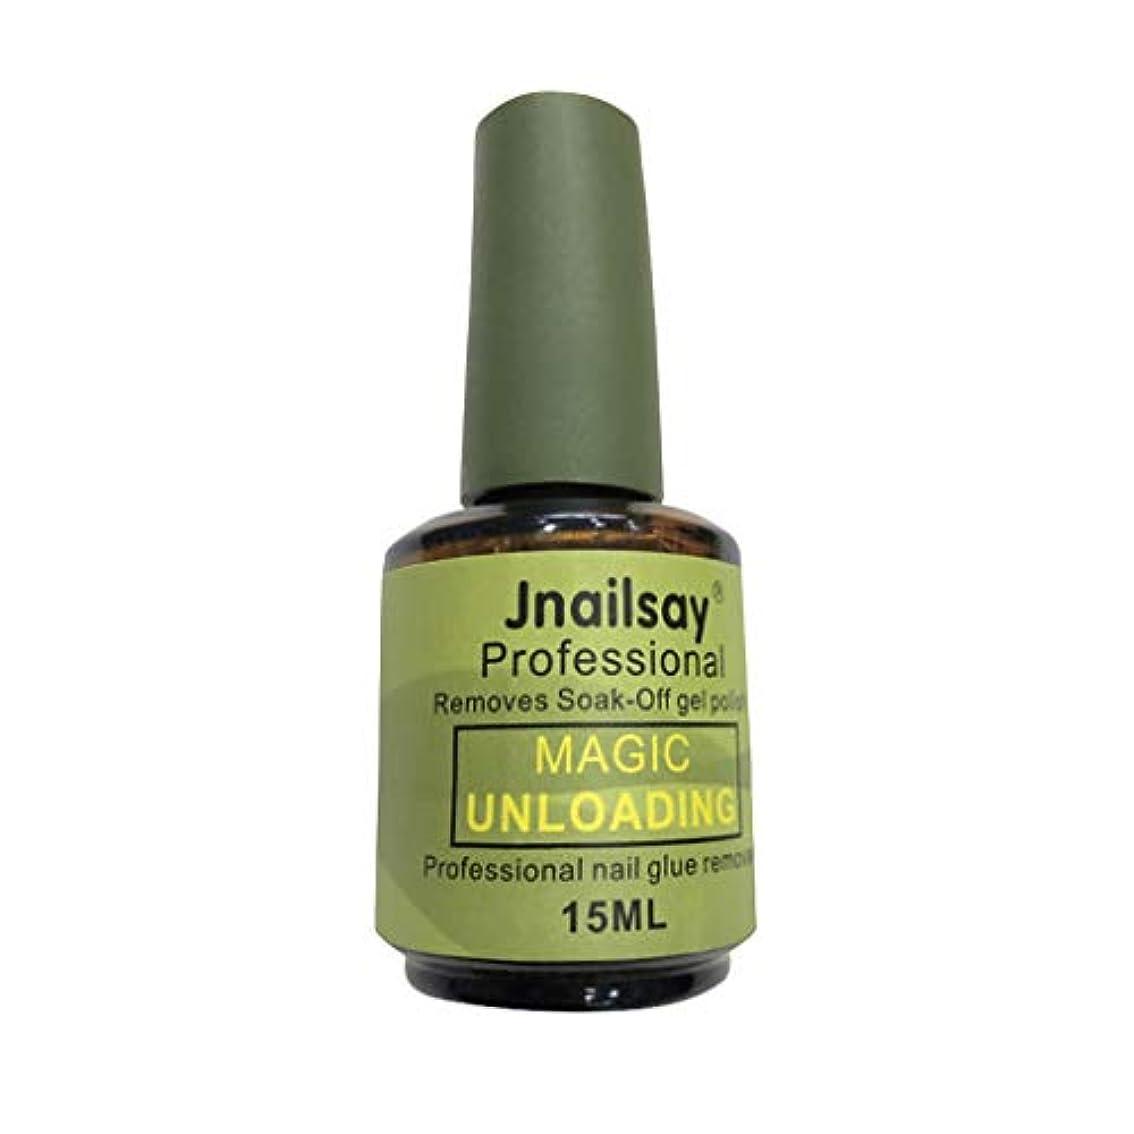 バケツマディソン胚ネイル用品 Jnailsay 15ml速い破裂の装甲接着剤1分の荷を下す操作は釘を傷つけないで簡単で便利です (多色)